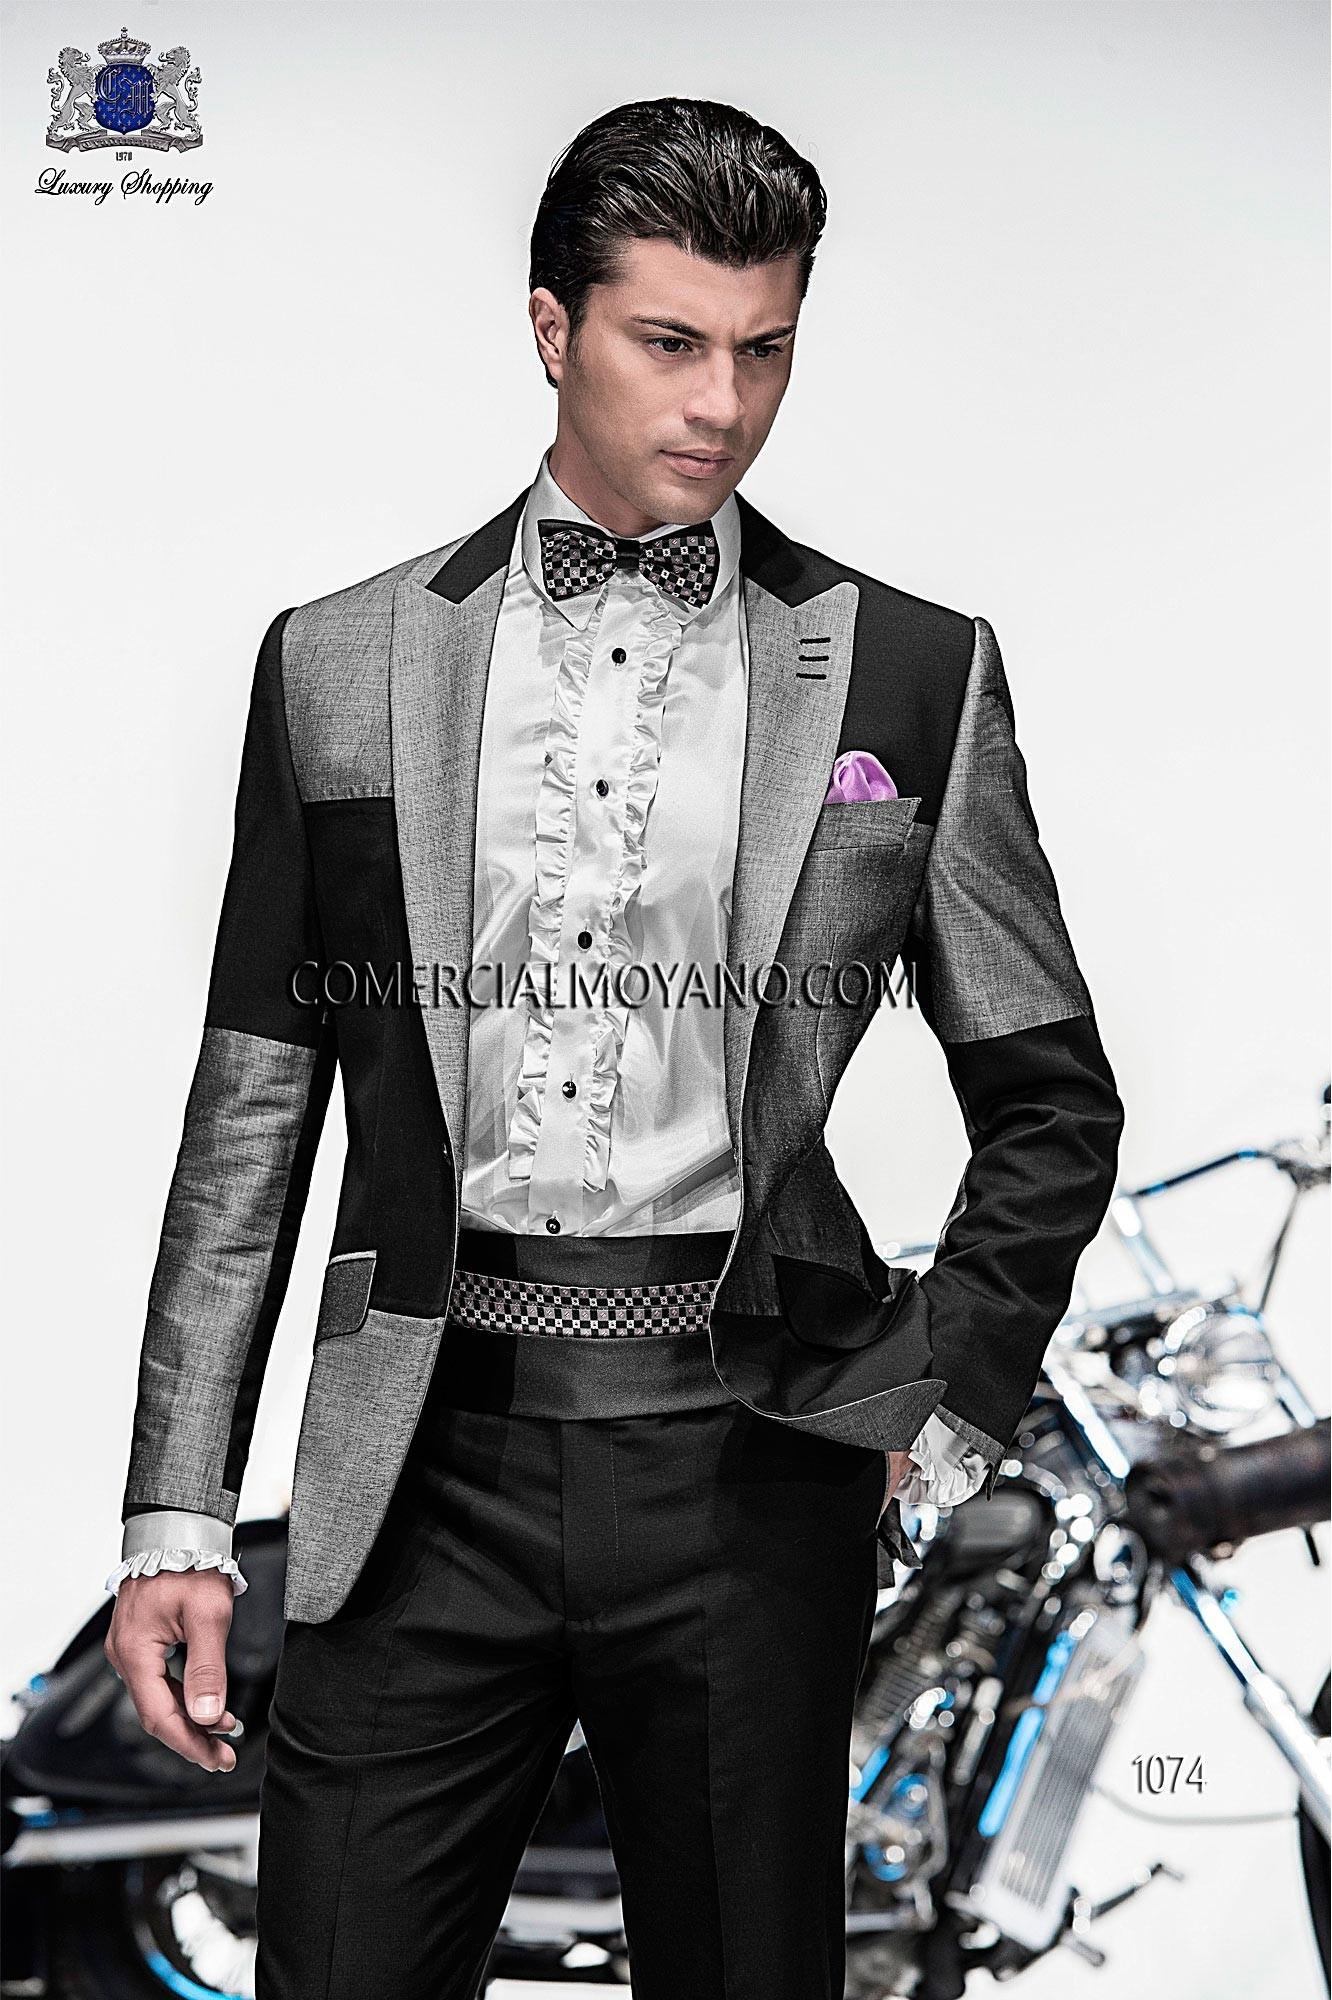 Traje de moda patchwork italiano a medida, en tejido new performance bicolor gris oscuro/claro, coordinado con pantalón en alpaca fina gris marengo, modelo 1074 Ottavio Nuccio Gala colección Emotion 2015.